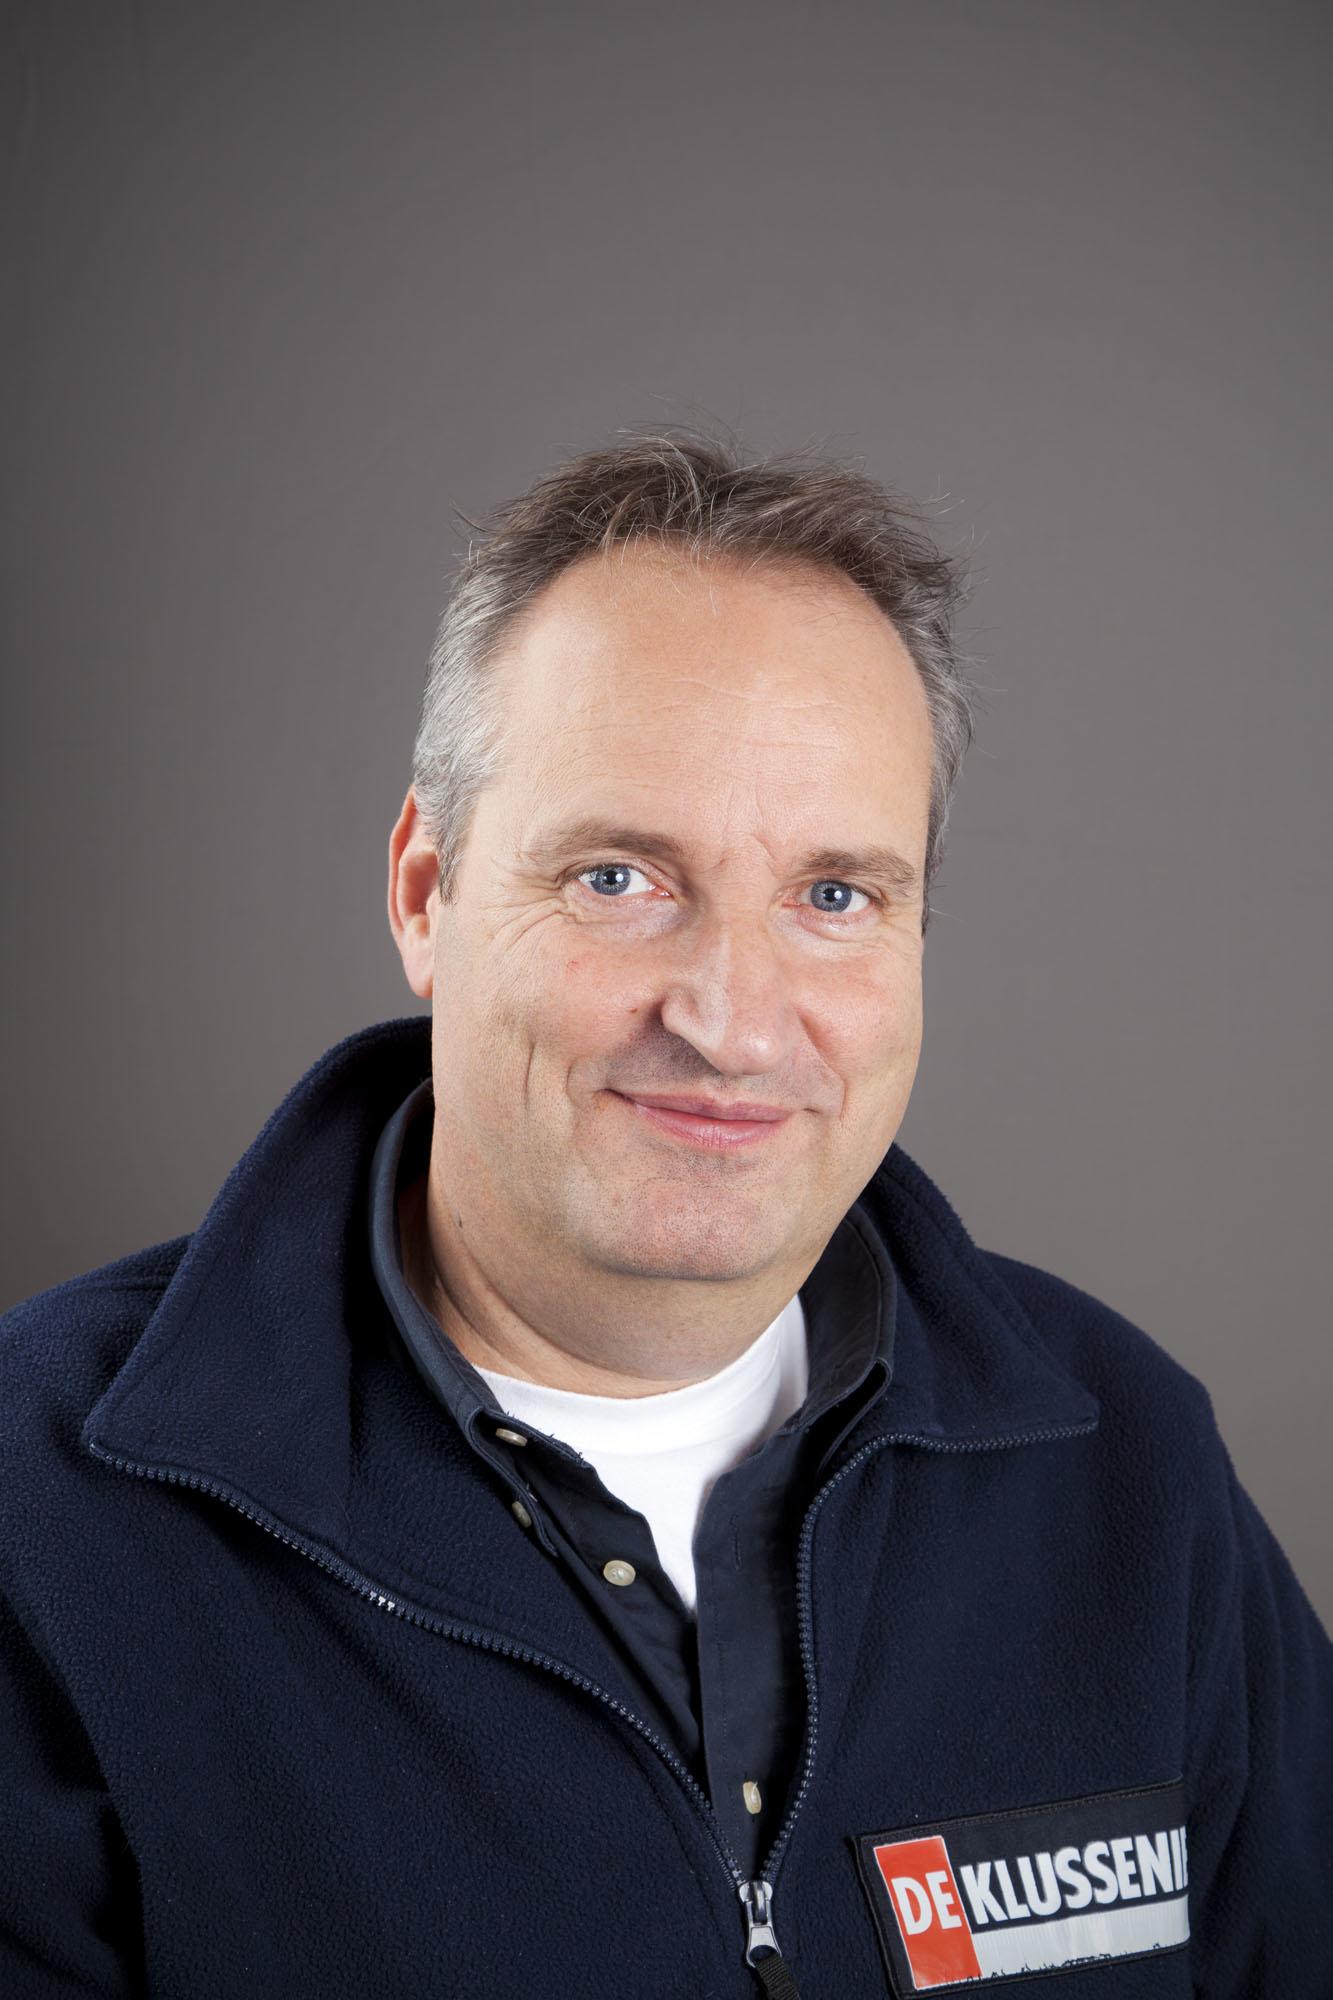 De Klussenier Frederik Schalkwijk